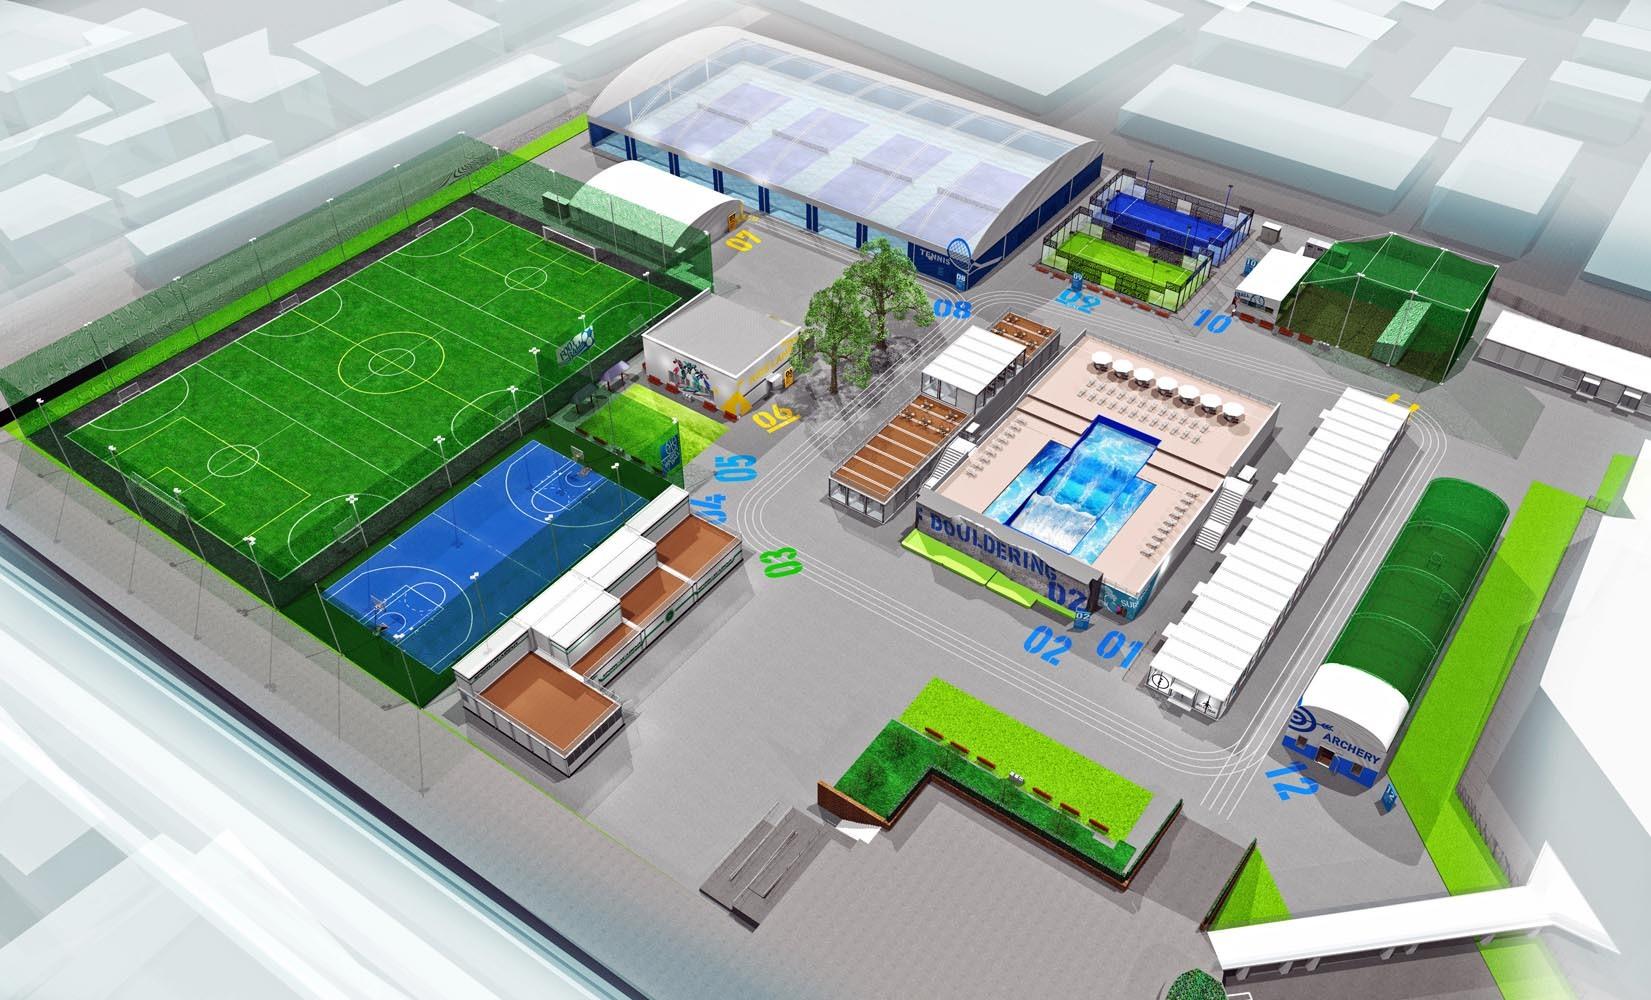 施設全体のイメージ図